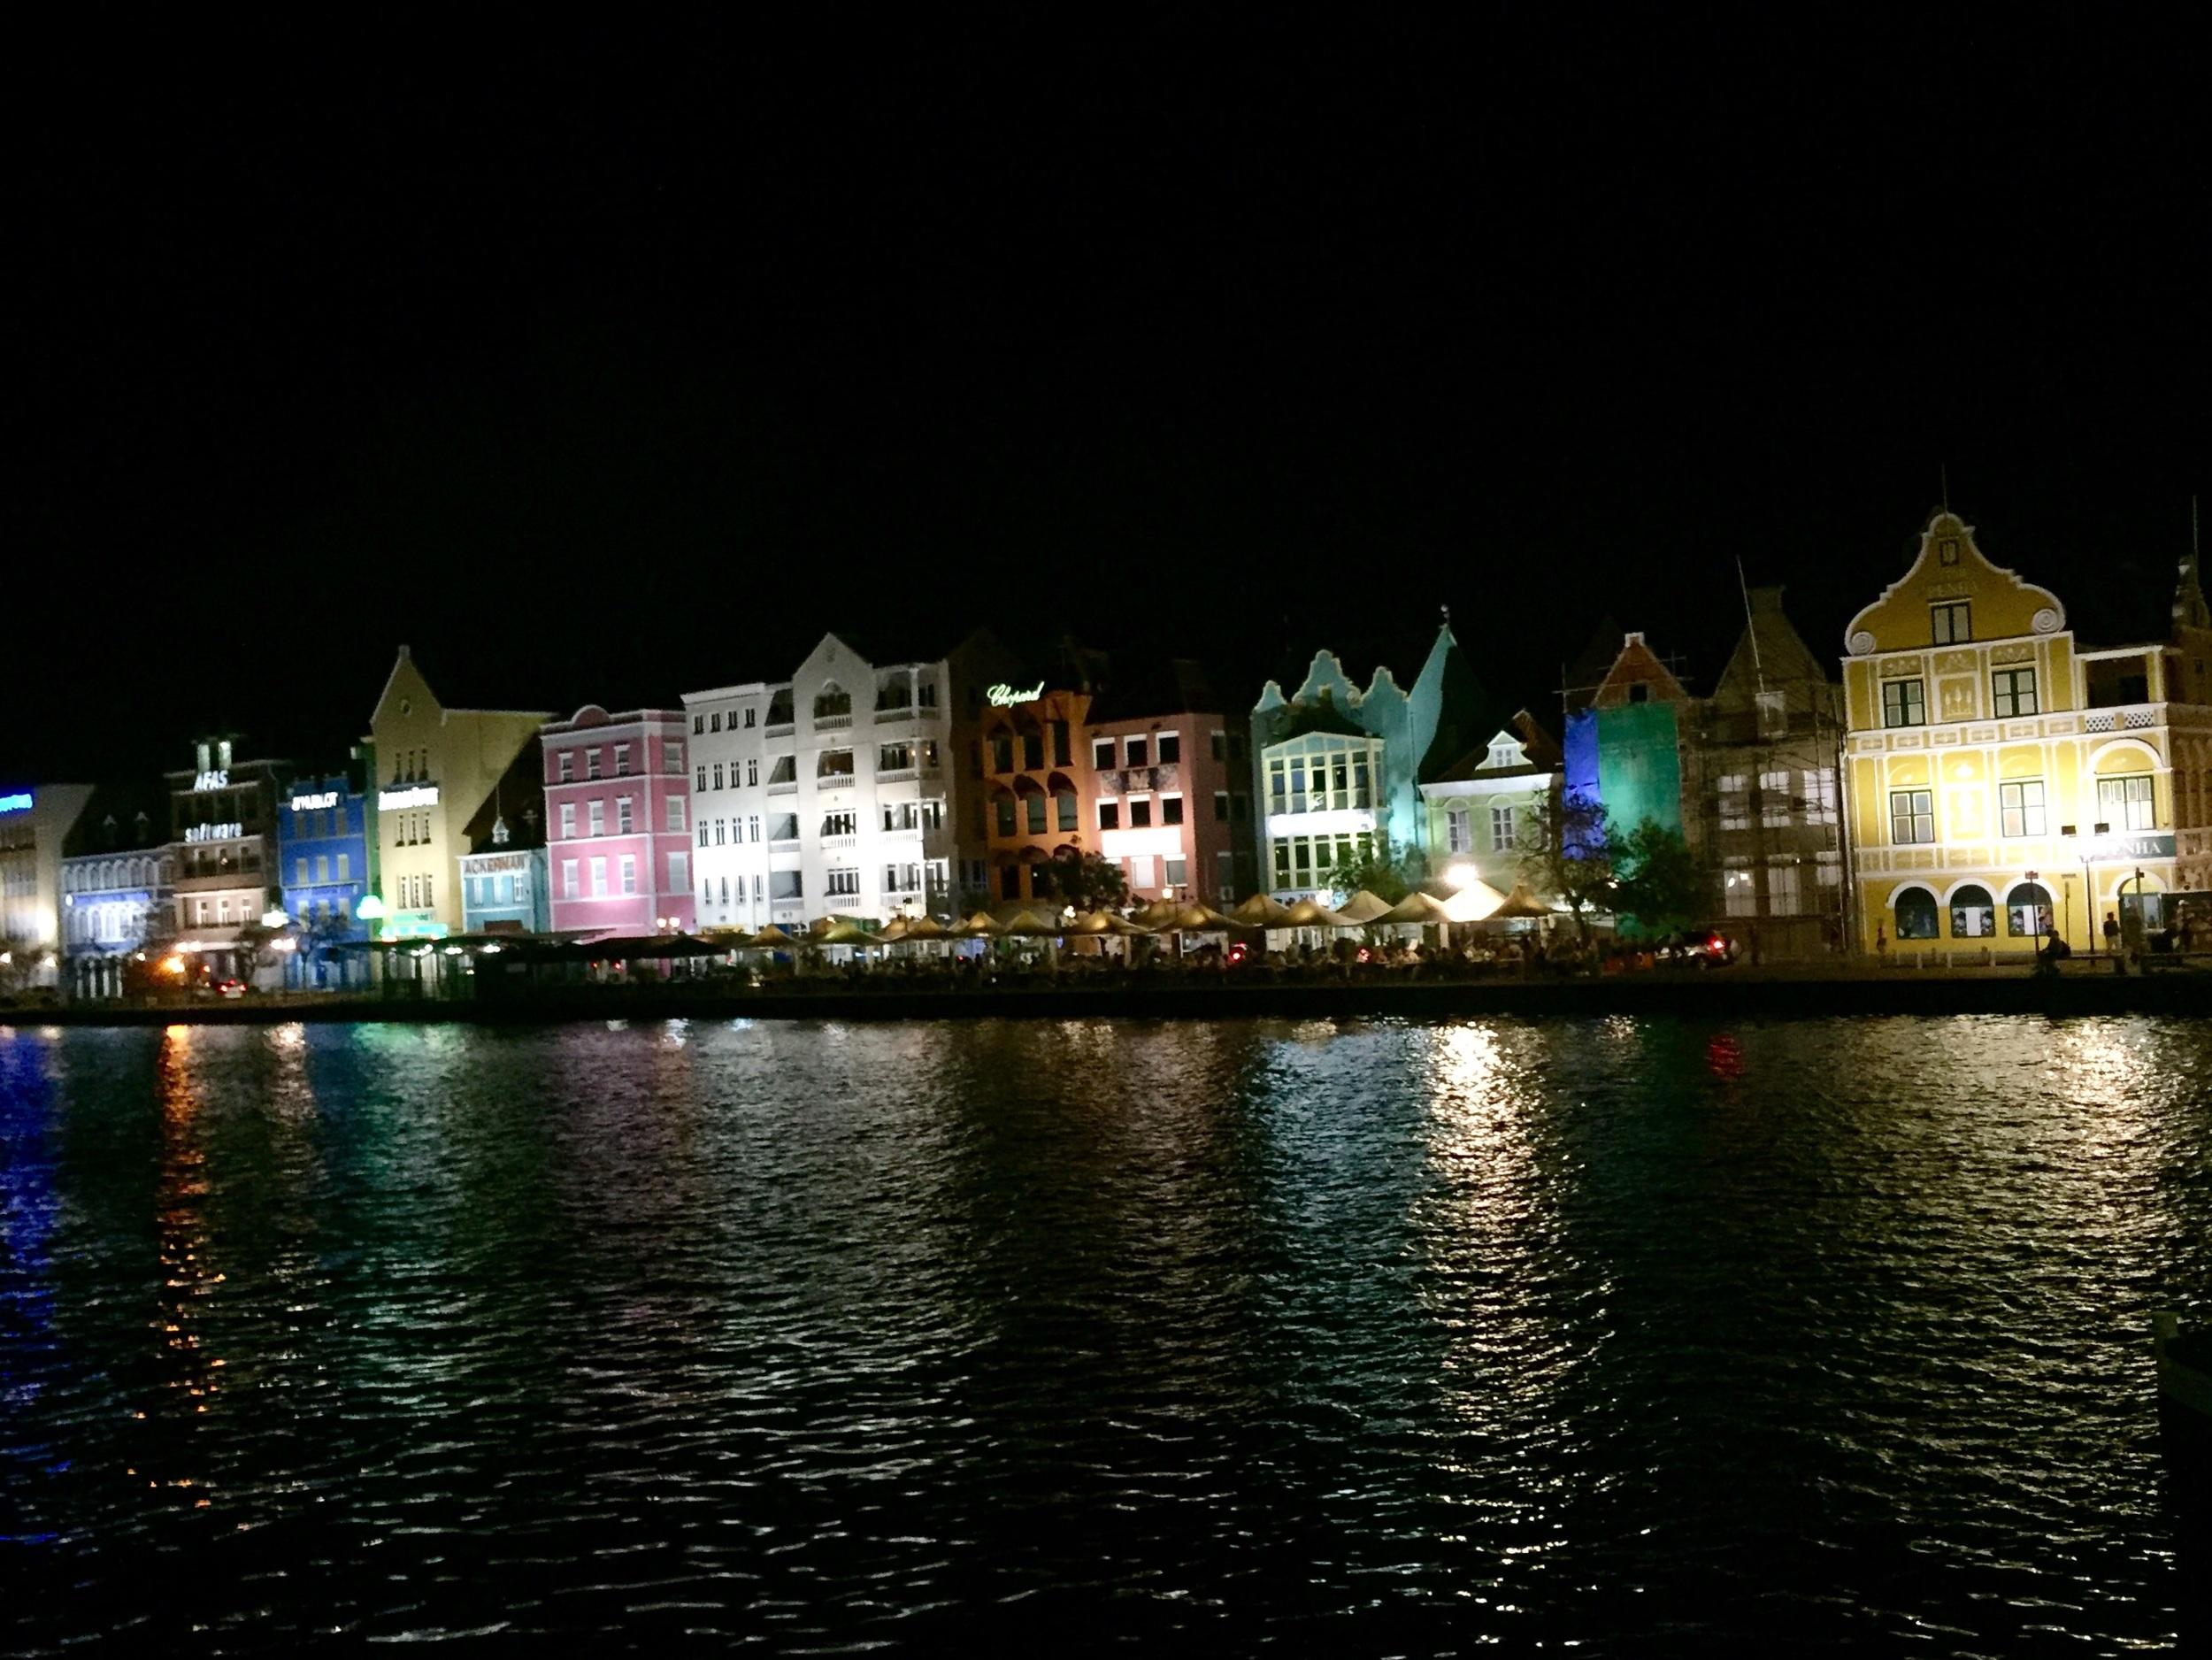 Willemstad, Curaçao at night